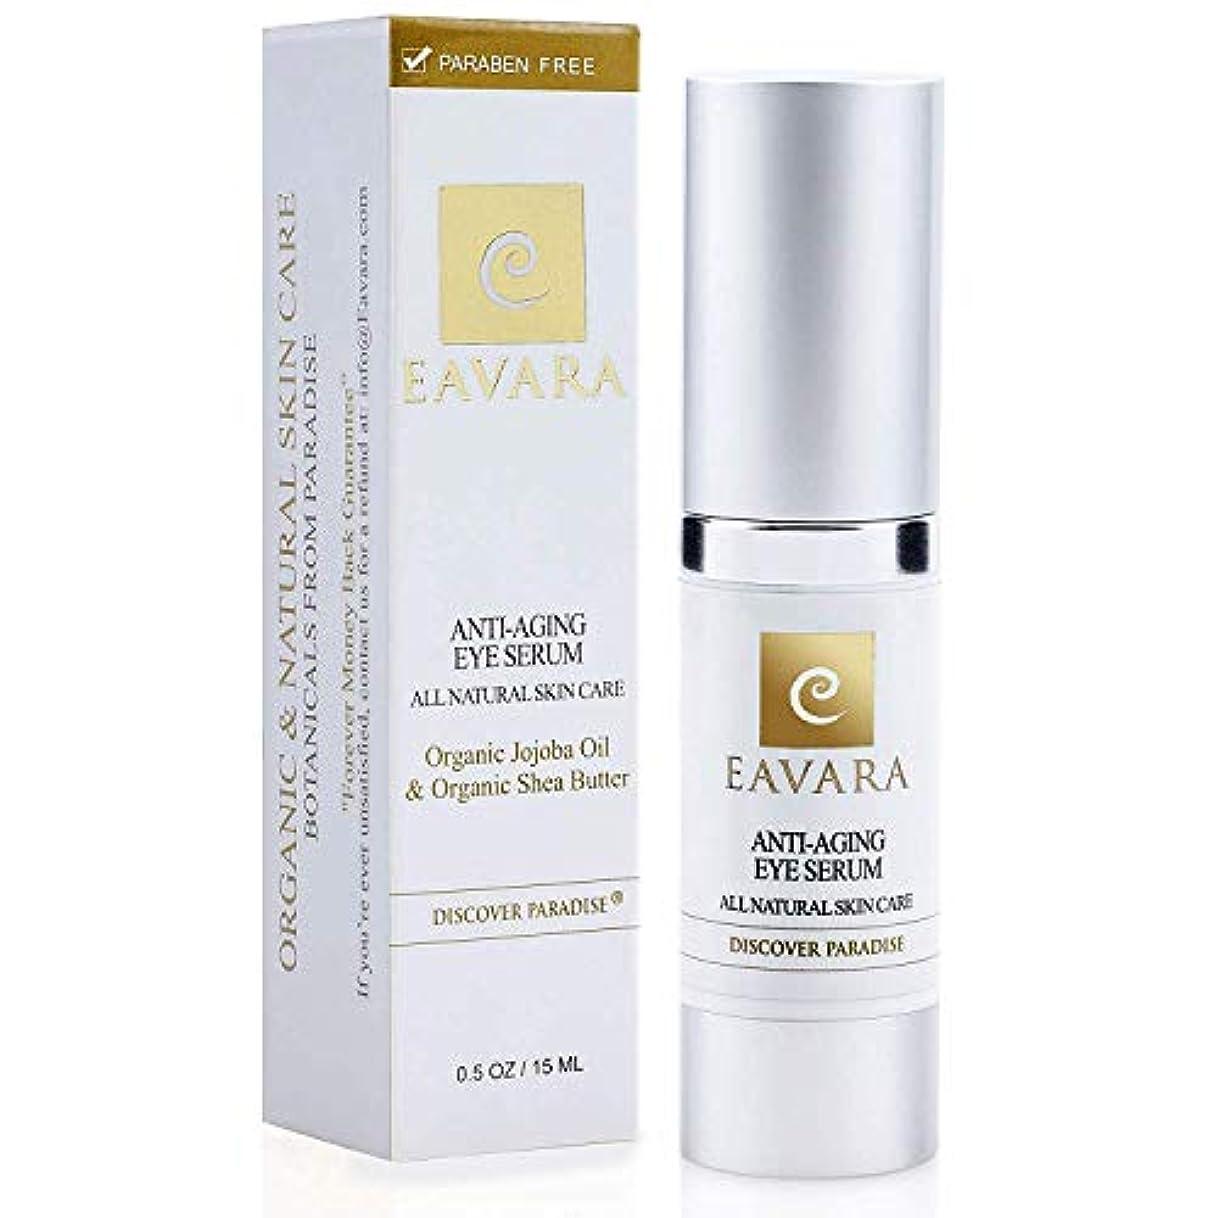 シティ手を差し伸べる[Eavara] [アンチエイジングアイ血清 Organic Anti Aging Eye Serum - Award Winning Under Eye Cream for Dark Circles and Puffiness...